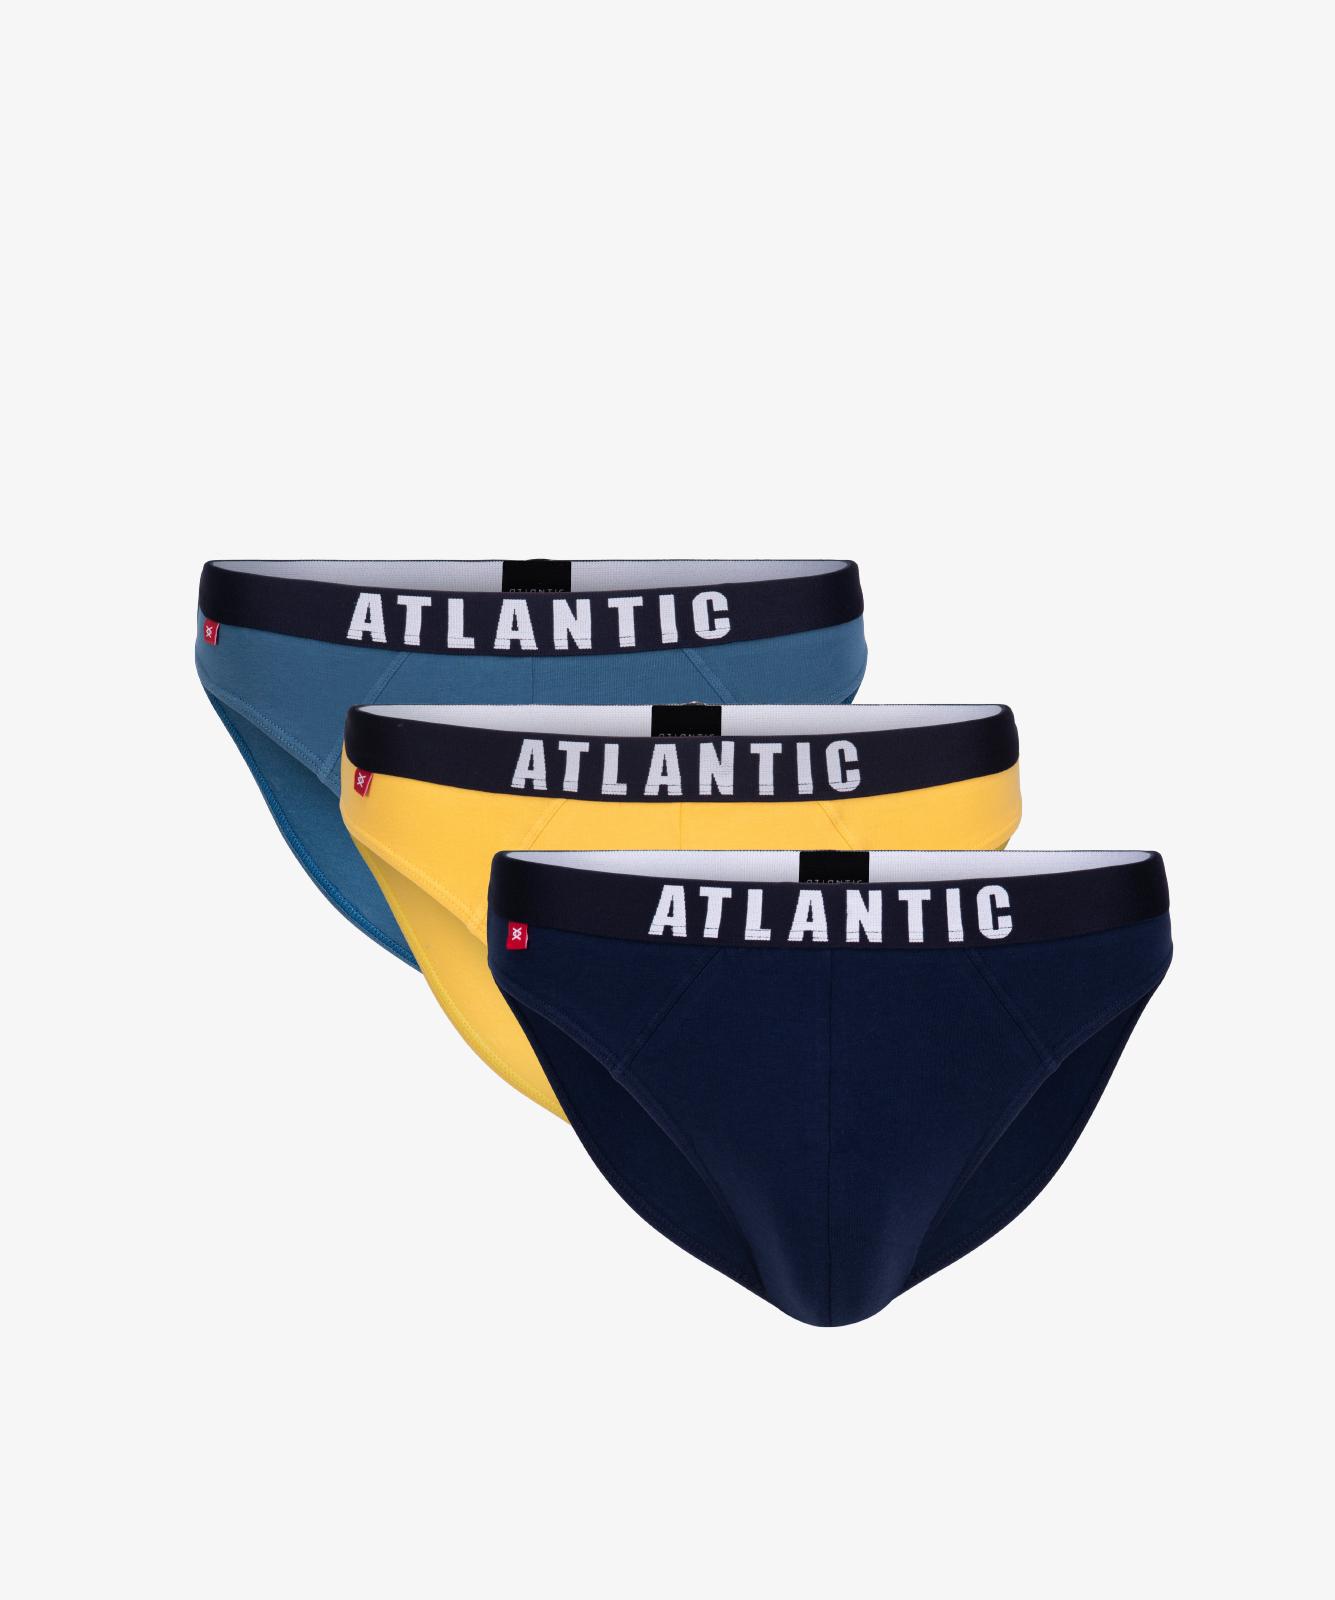 Мужские трусы слипы спорт Atlantic, набор 3 шт., хлопок, деним + желтые + темно-синие, 3MP-094